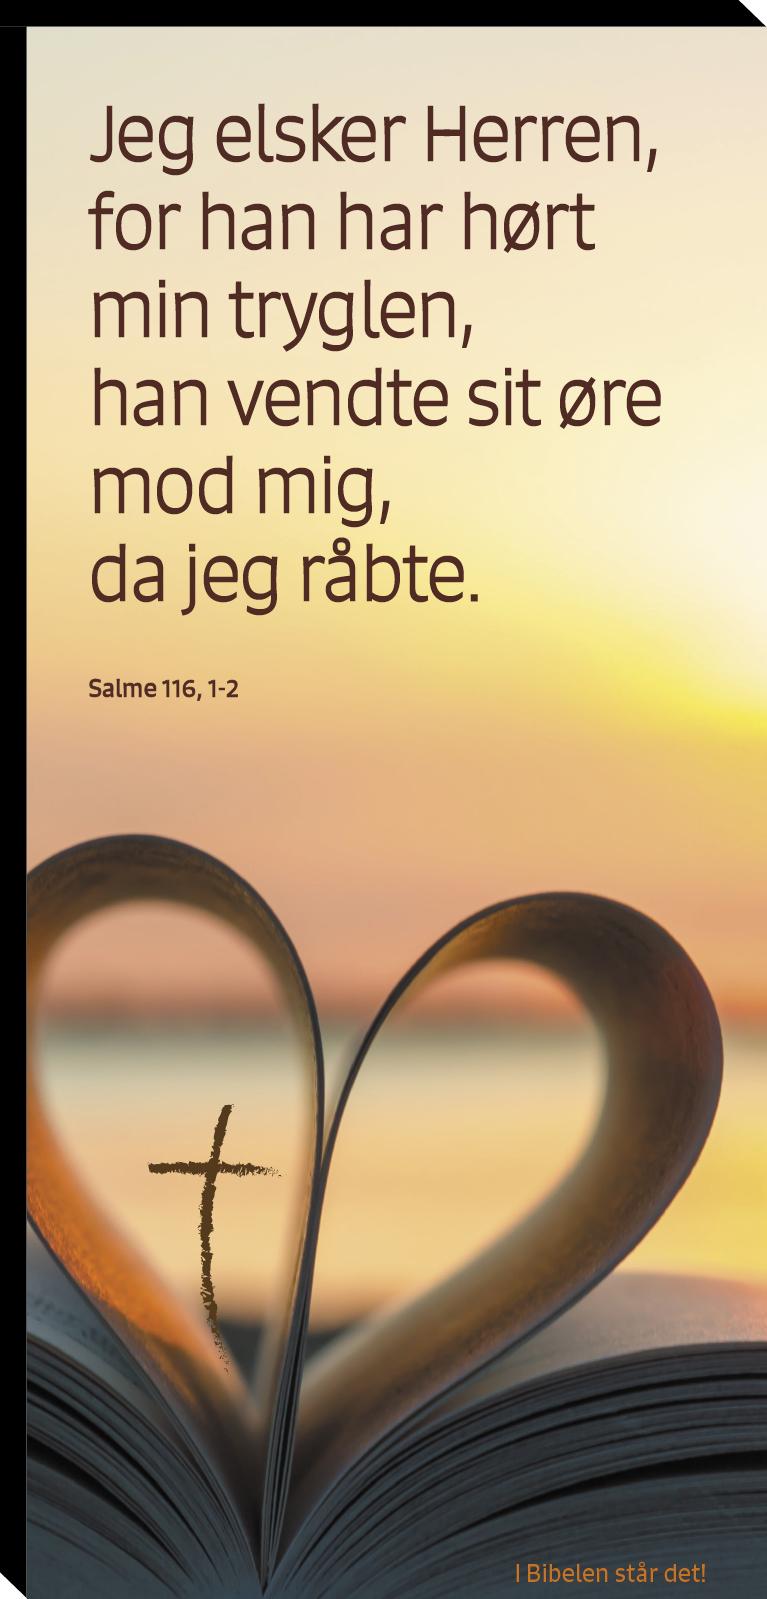 Salme 116, 1-2 Image